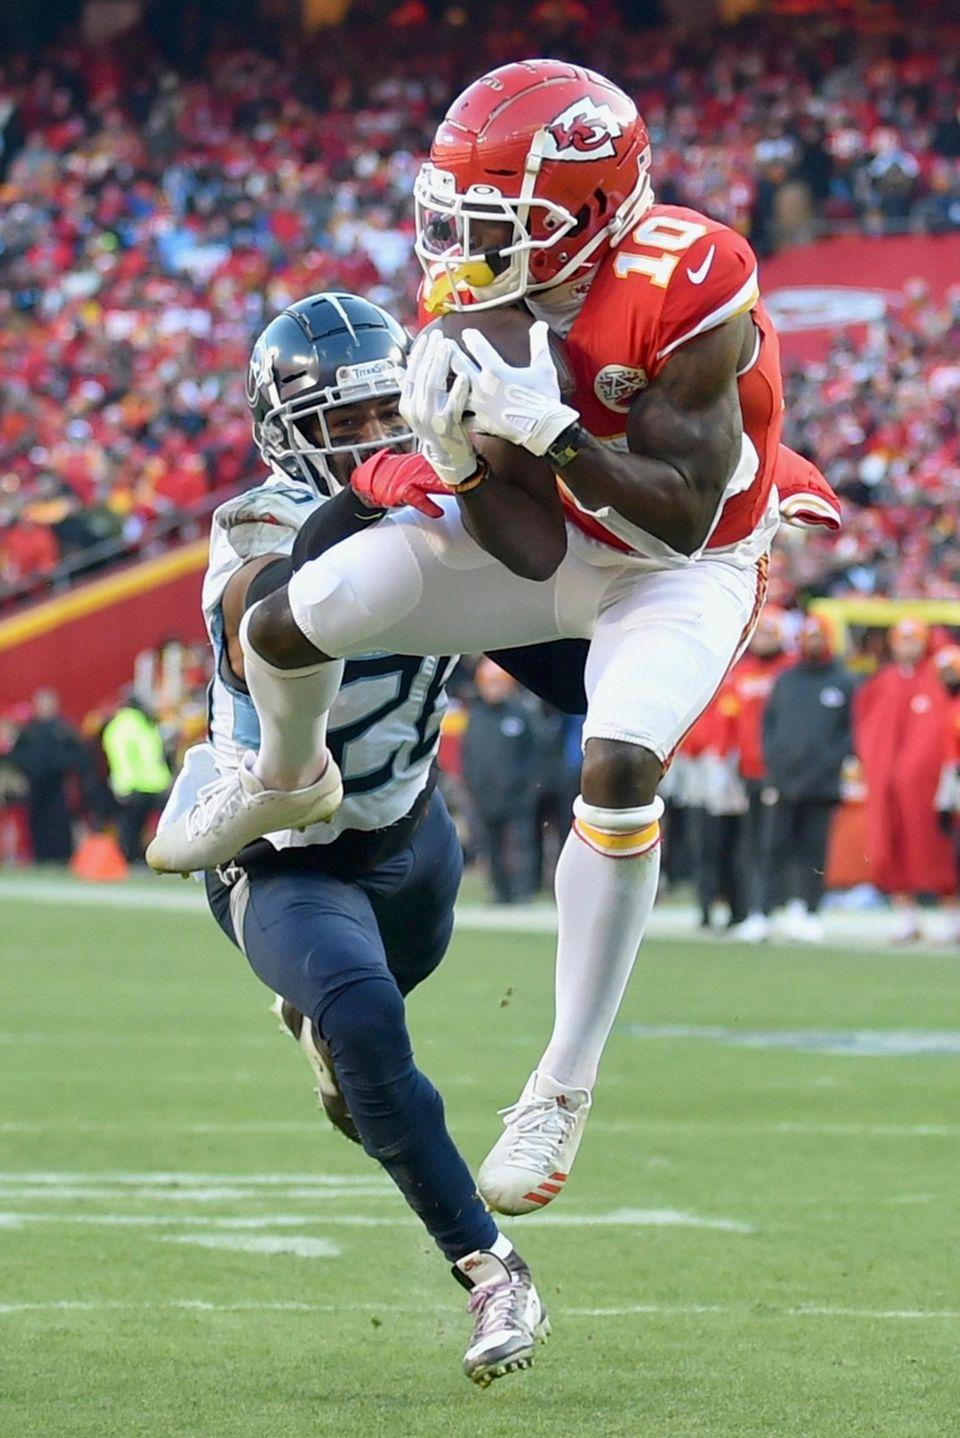 Kansas City Chiefs' Tyreek Hill catches a touchdown